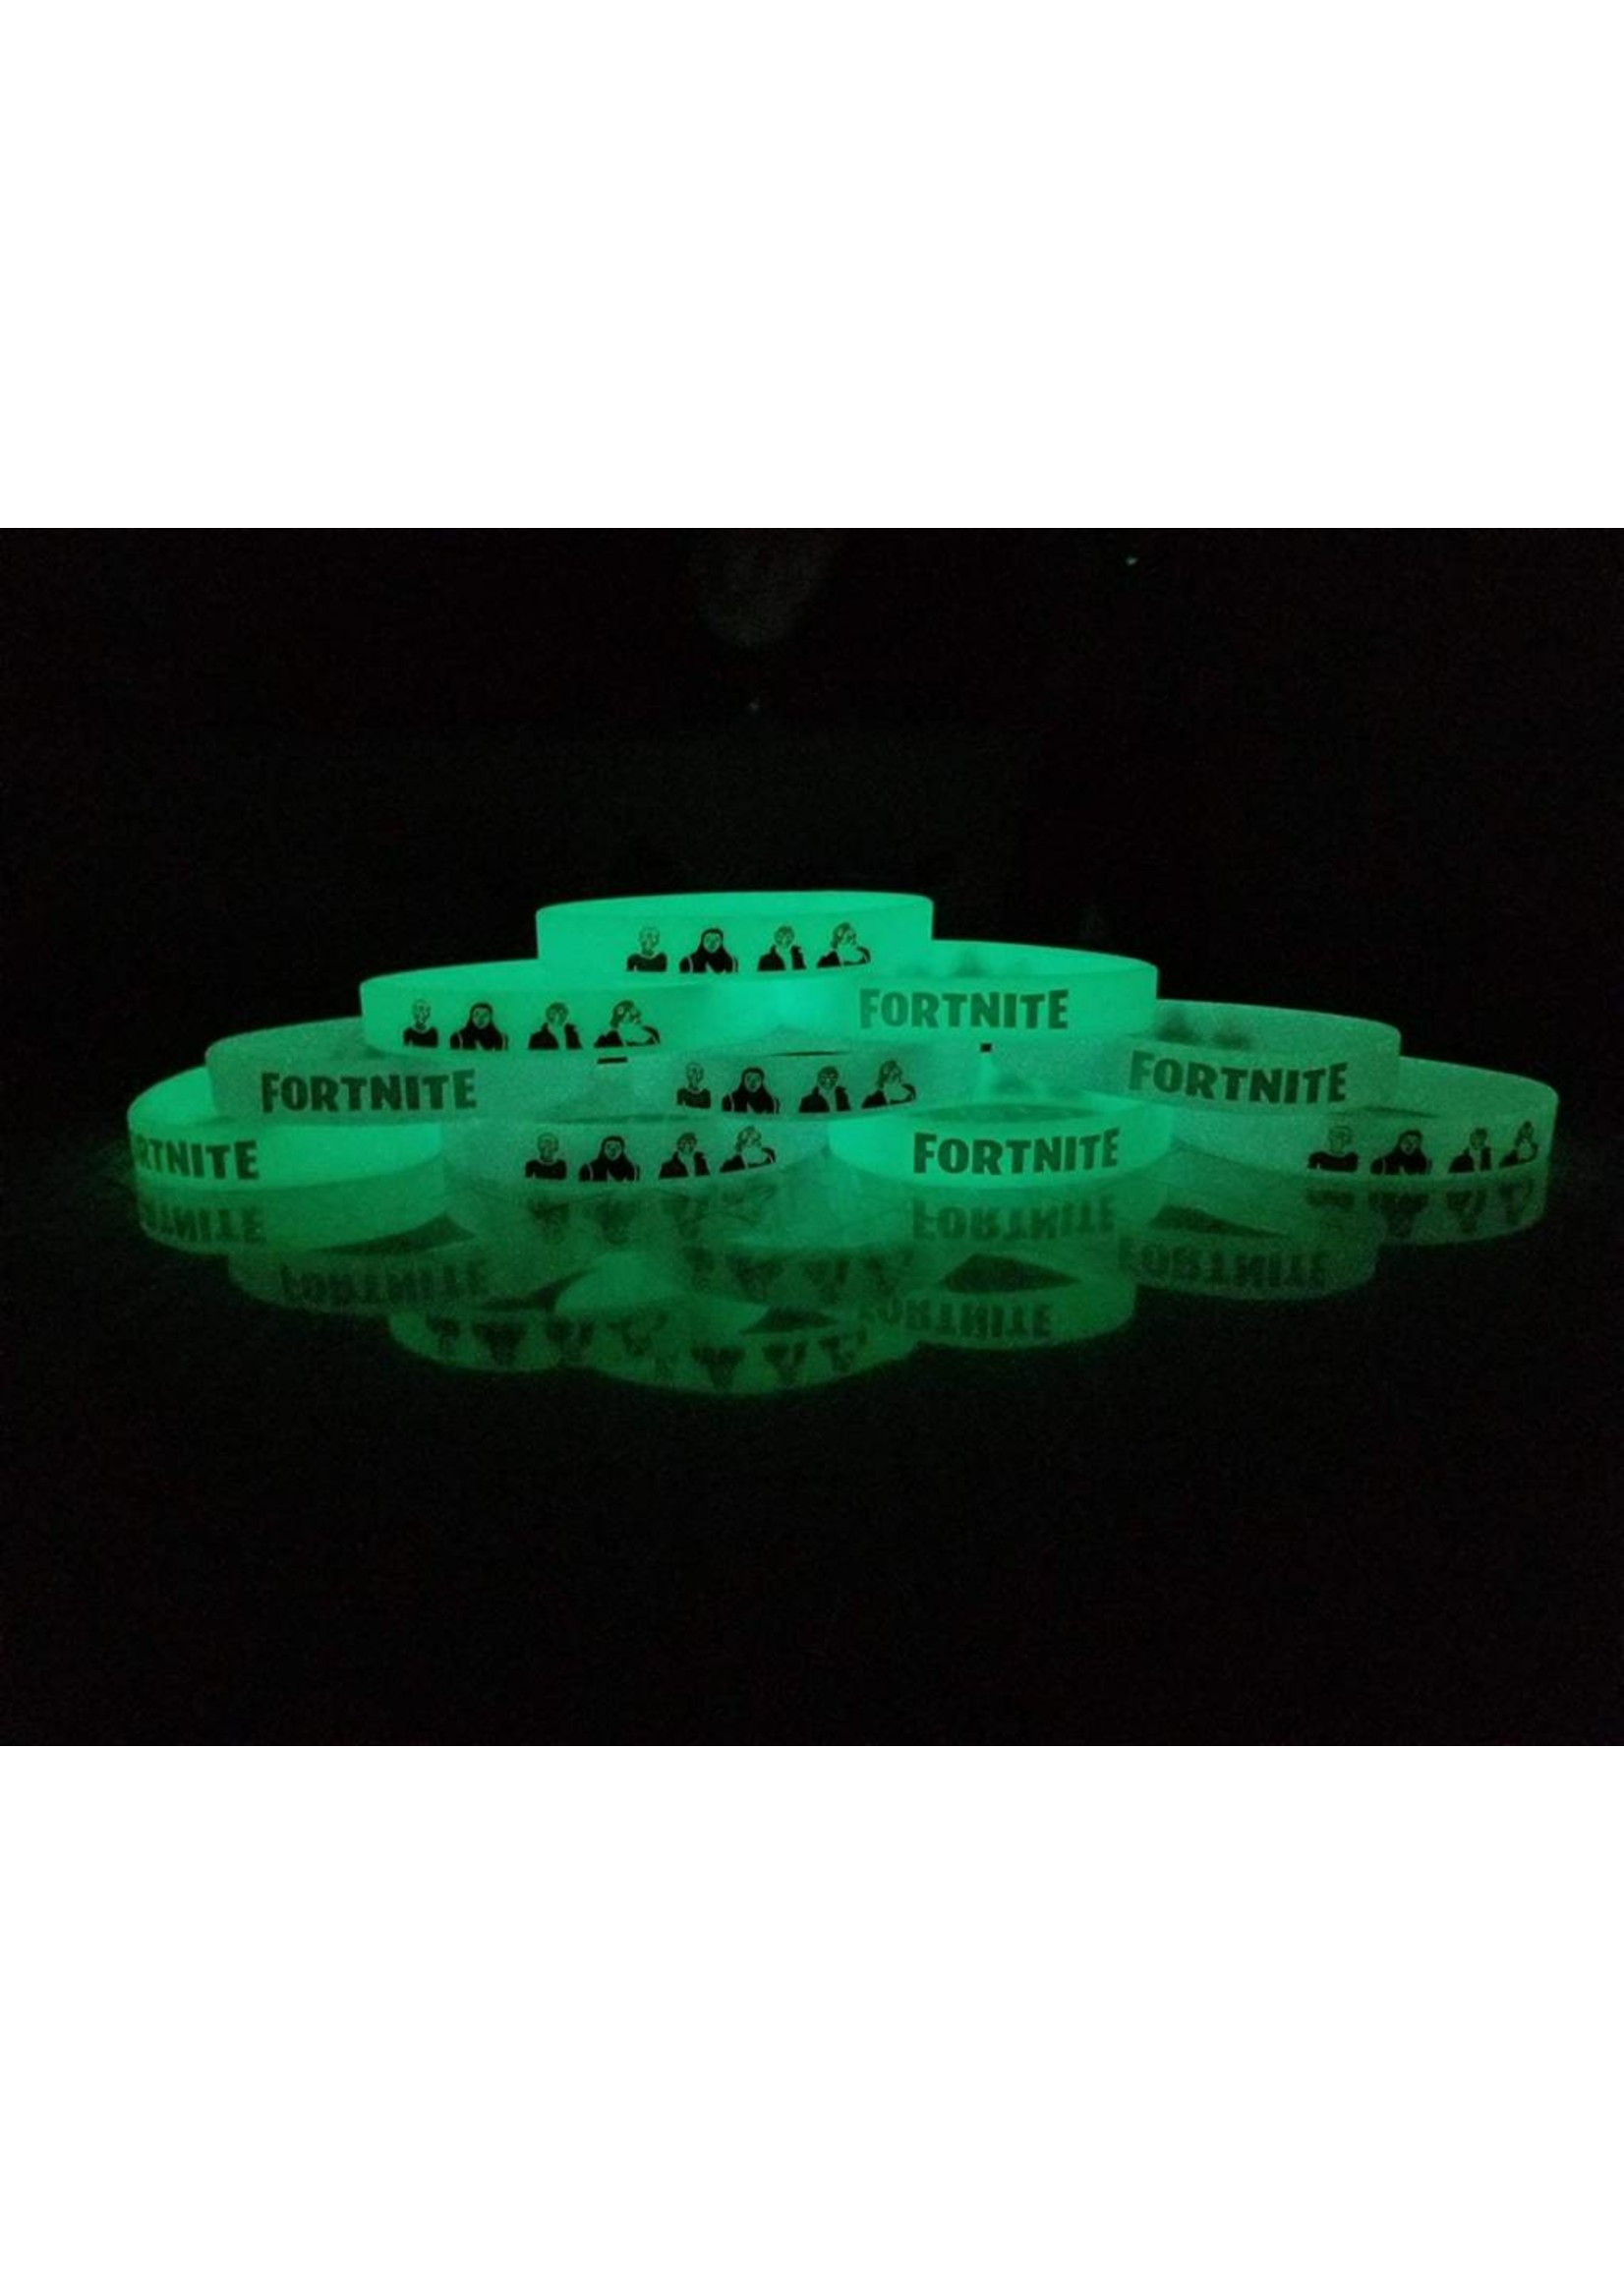 Fortnite Bracelet Glow in the Dark (1 PC)